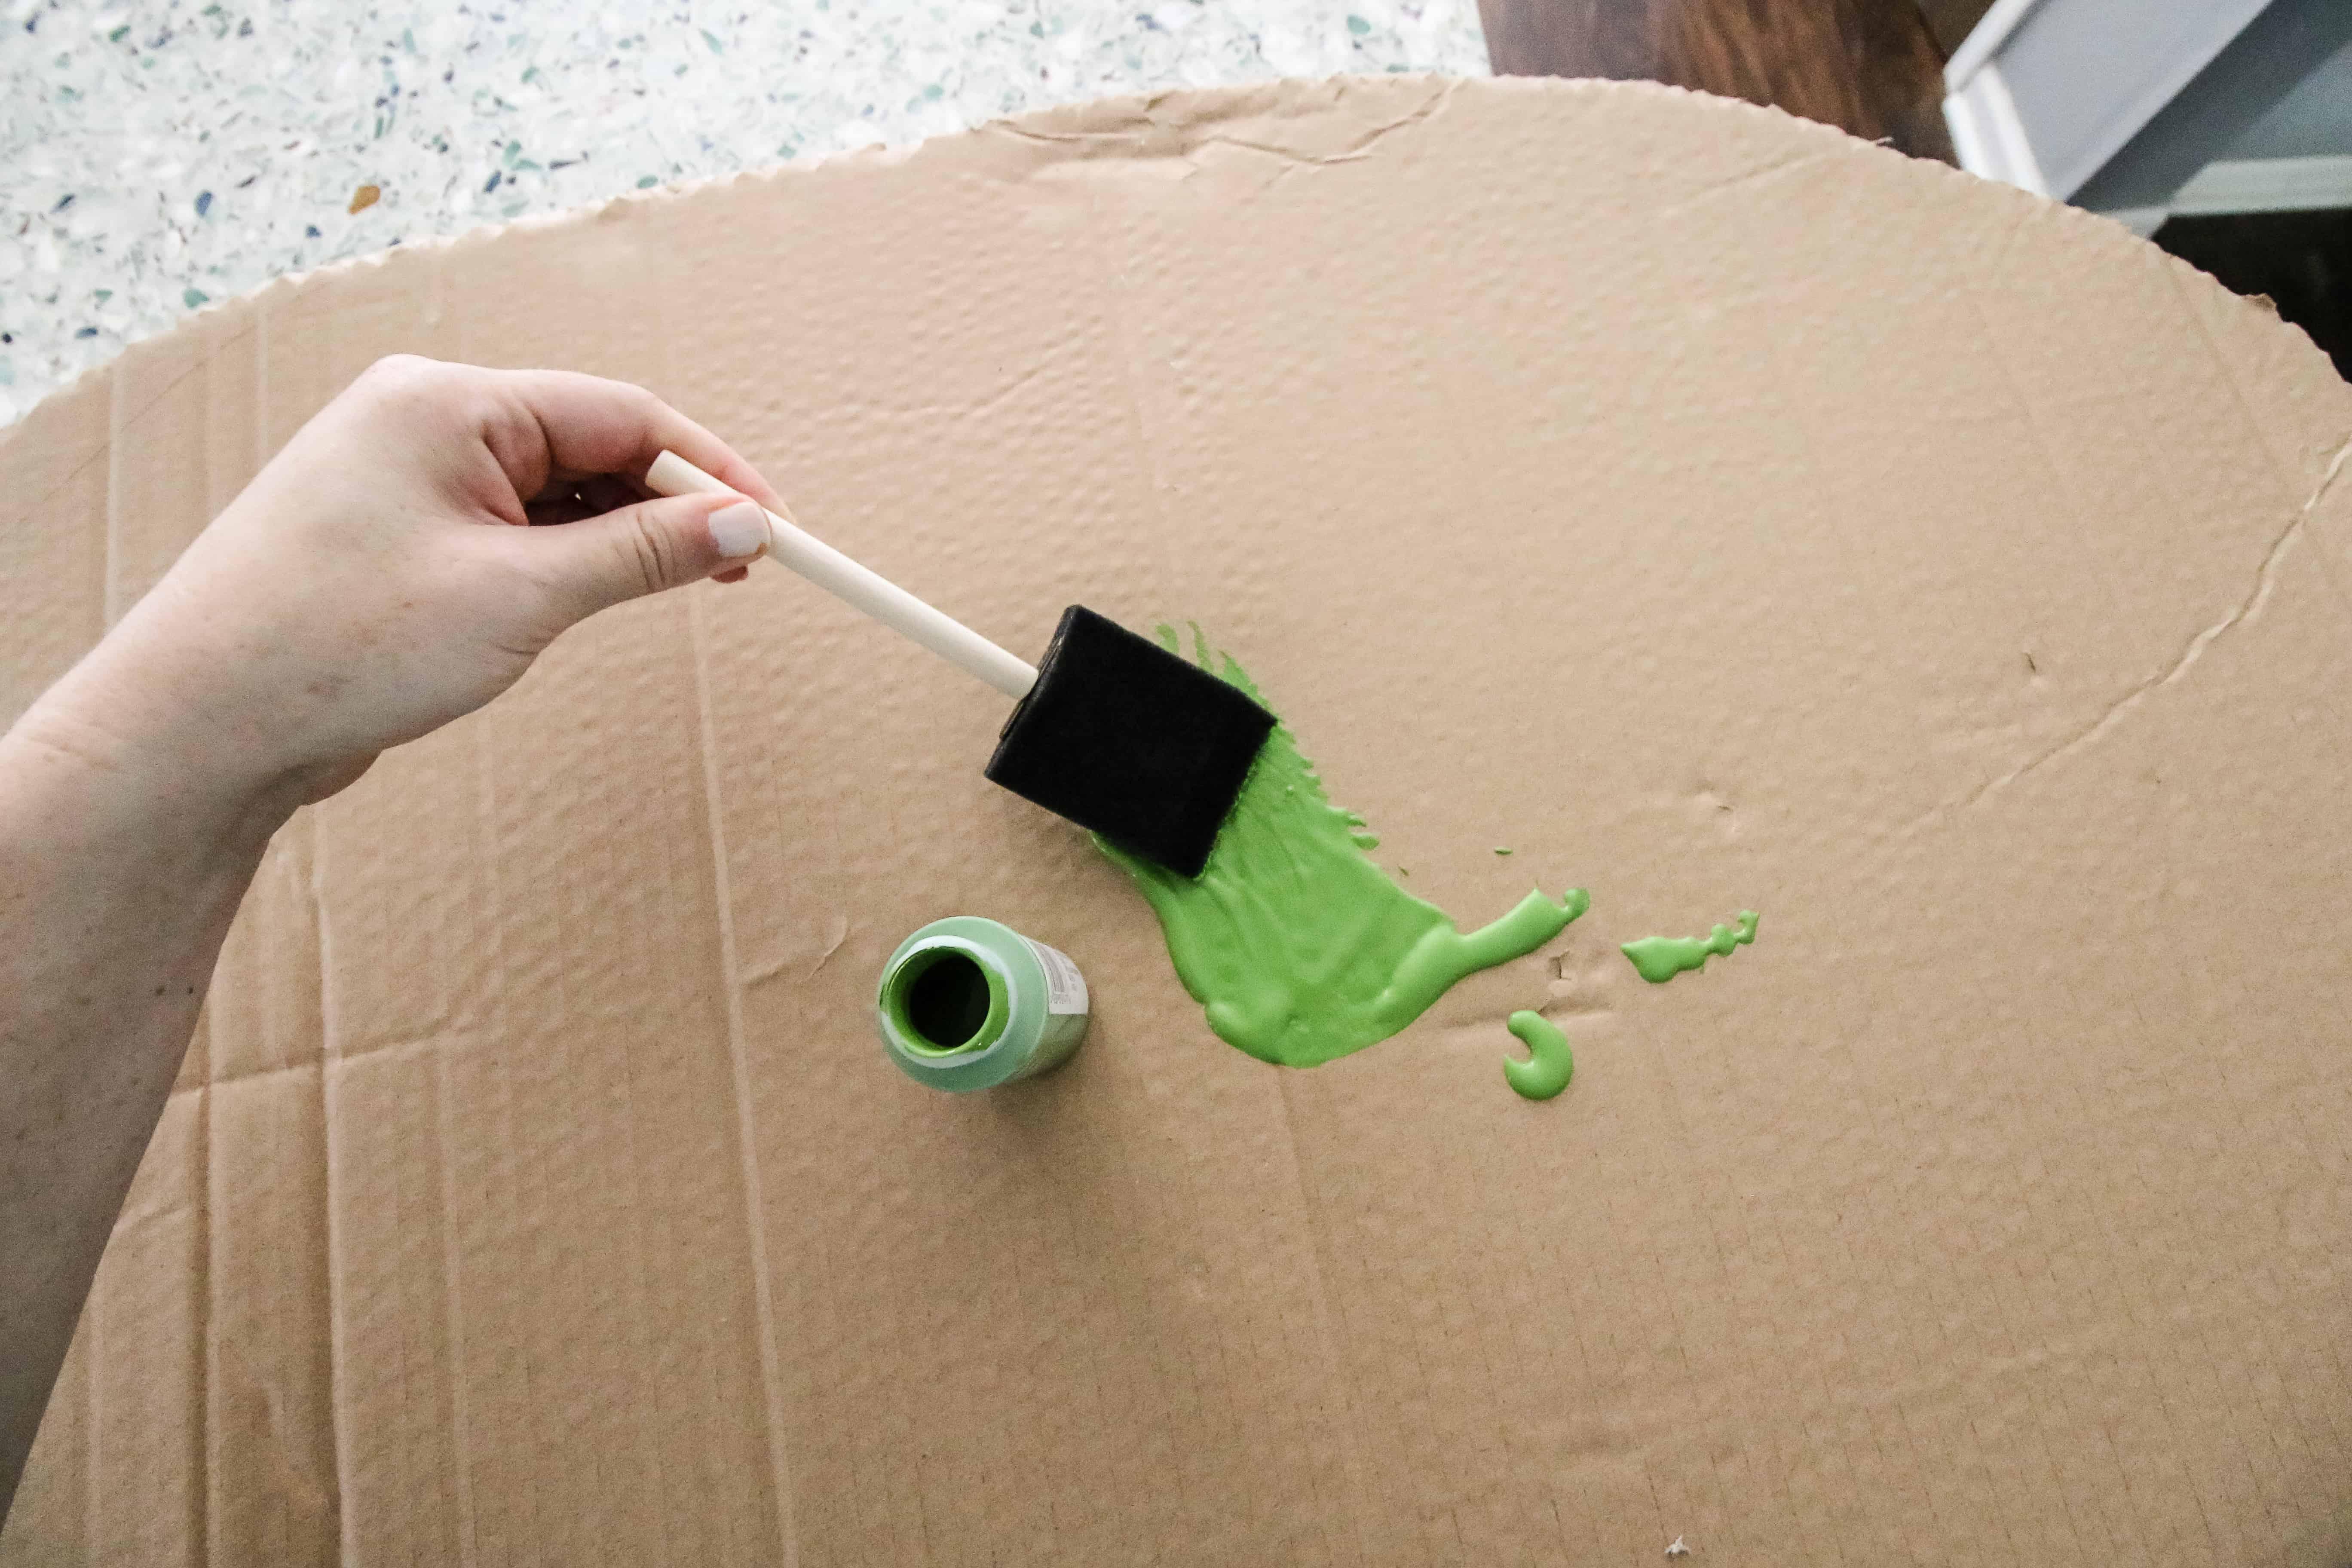 How to make a DIY Pregnant Avocado Costume